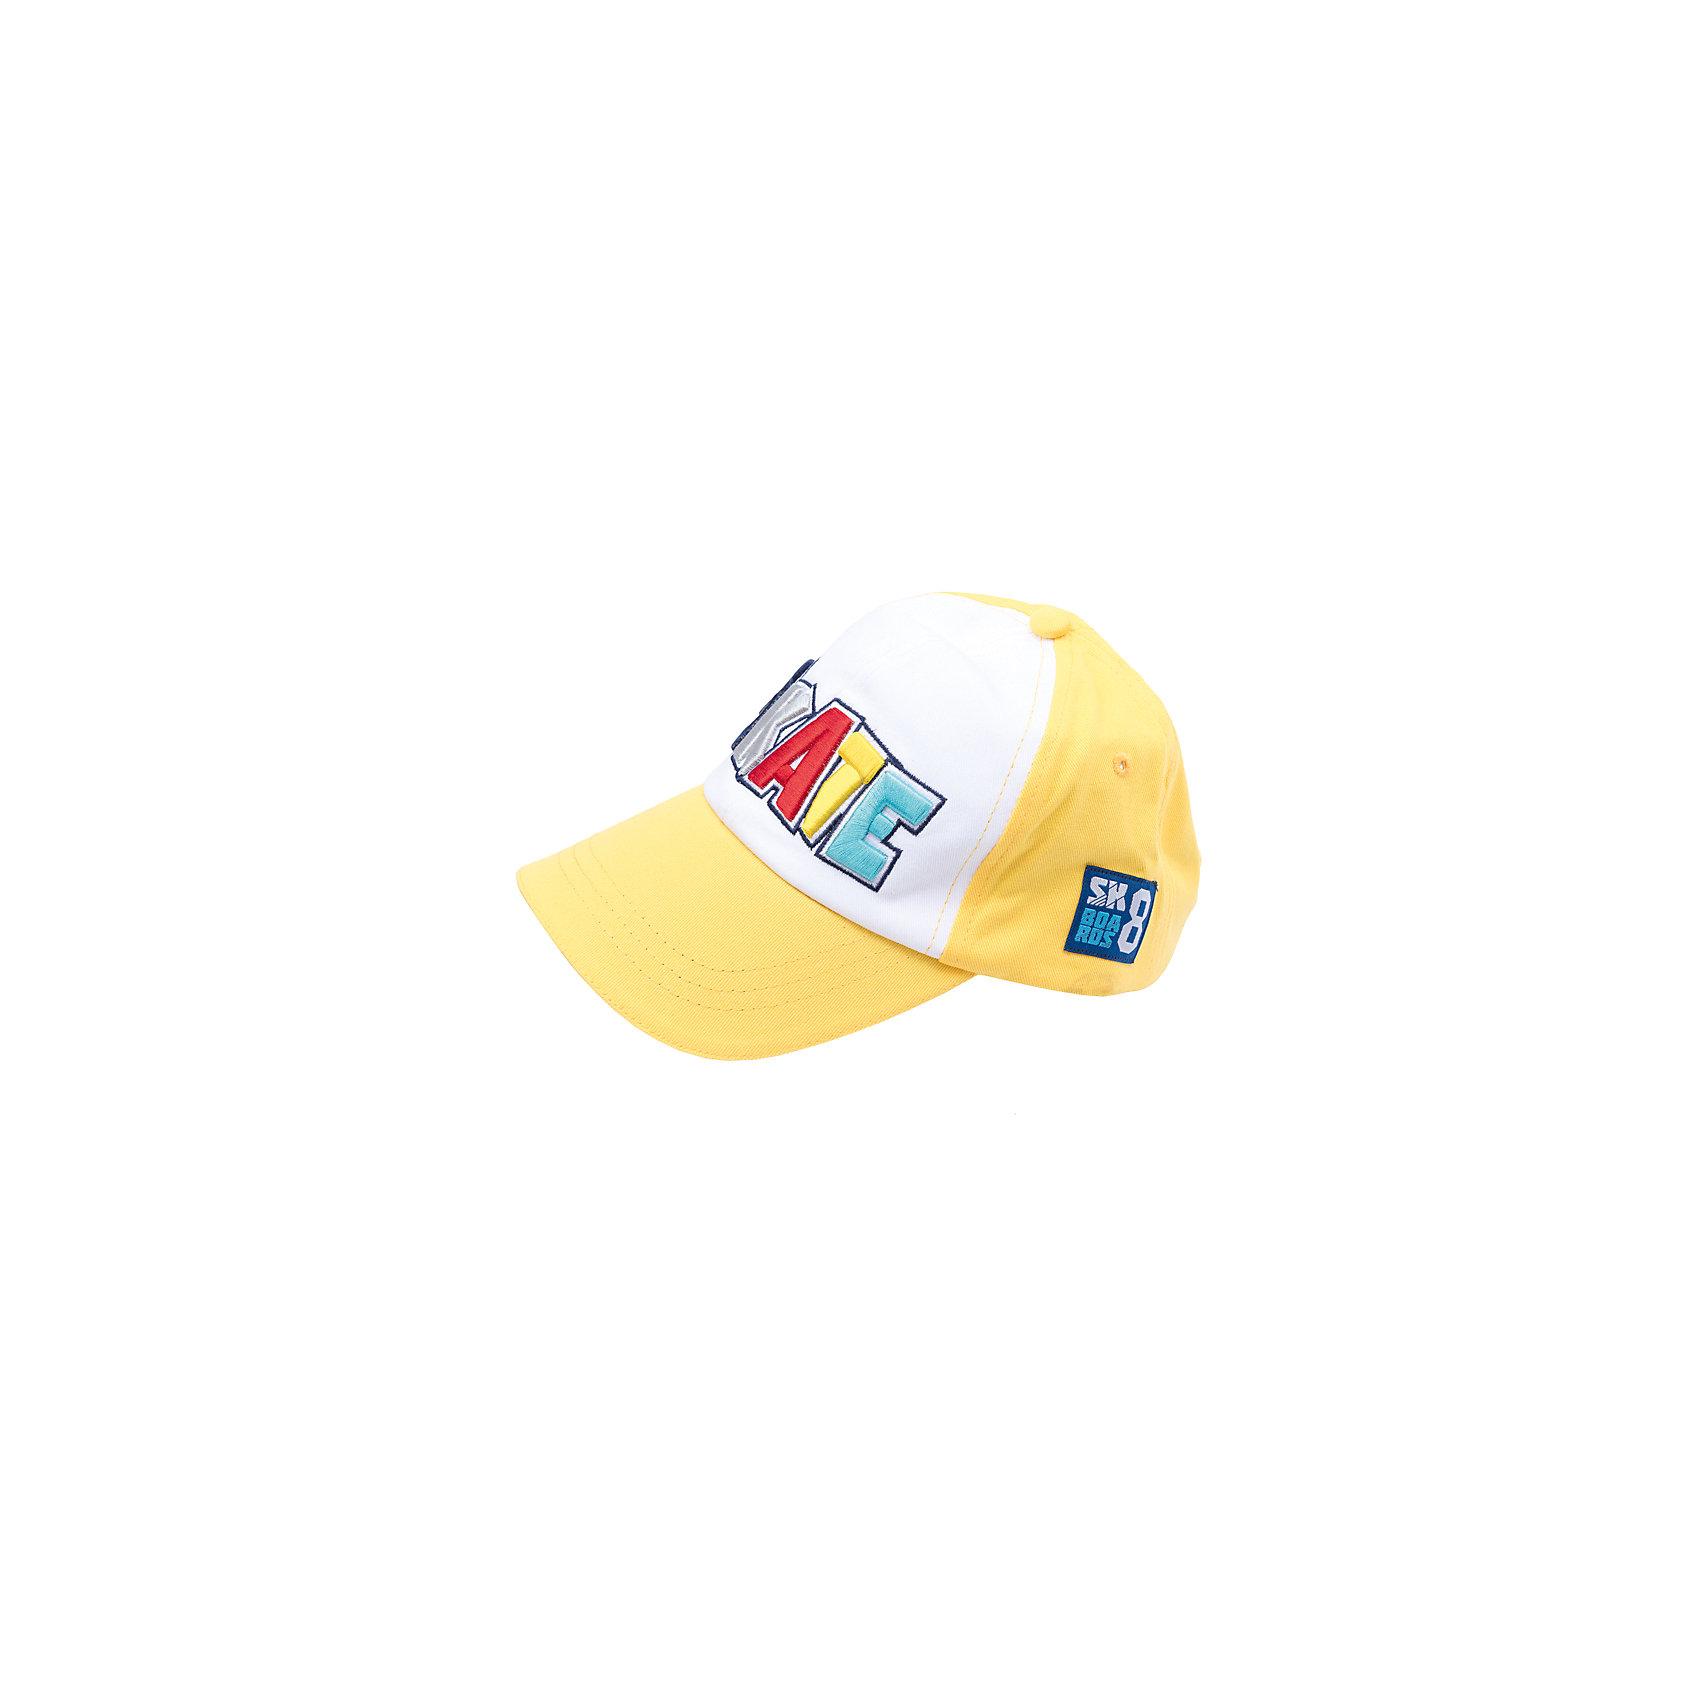 Кепка для мальчика PlayTodayСицилия<br>Кепка для мальчика PlayToday<br>Модная кепка - бейсболка из натурального хлопка  понравится Вашему ребенку и защитит в солнечную погоду. Модель с эффектной аппликацией<br>Состав:<br>100% хлопок<br><br>Ширина мм: 89<br>Глубина мм: 117<br>Высота мм: 44<br>Вес г: 155<br>Цвет: желтый<br>Возраст от месяцев: 24<br>Возраст до месяцев: 36<br>Пол: Мужской<br>Возраст: Детский<br>Размер: 50,54,52<br>SKU: 5401897